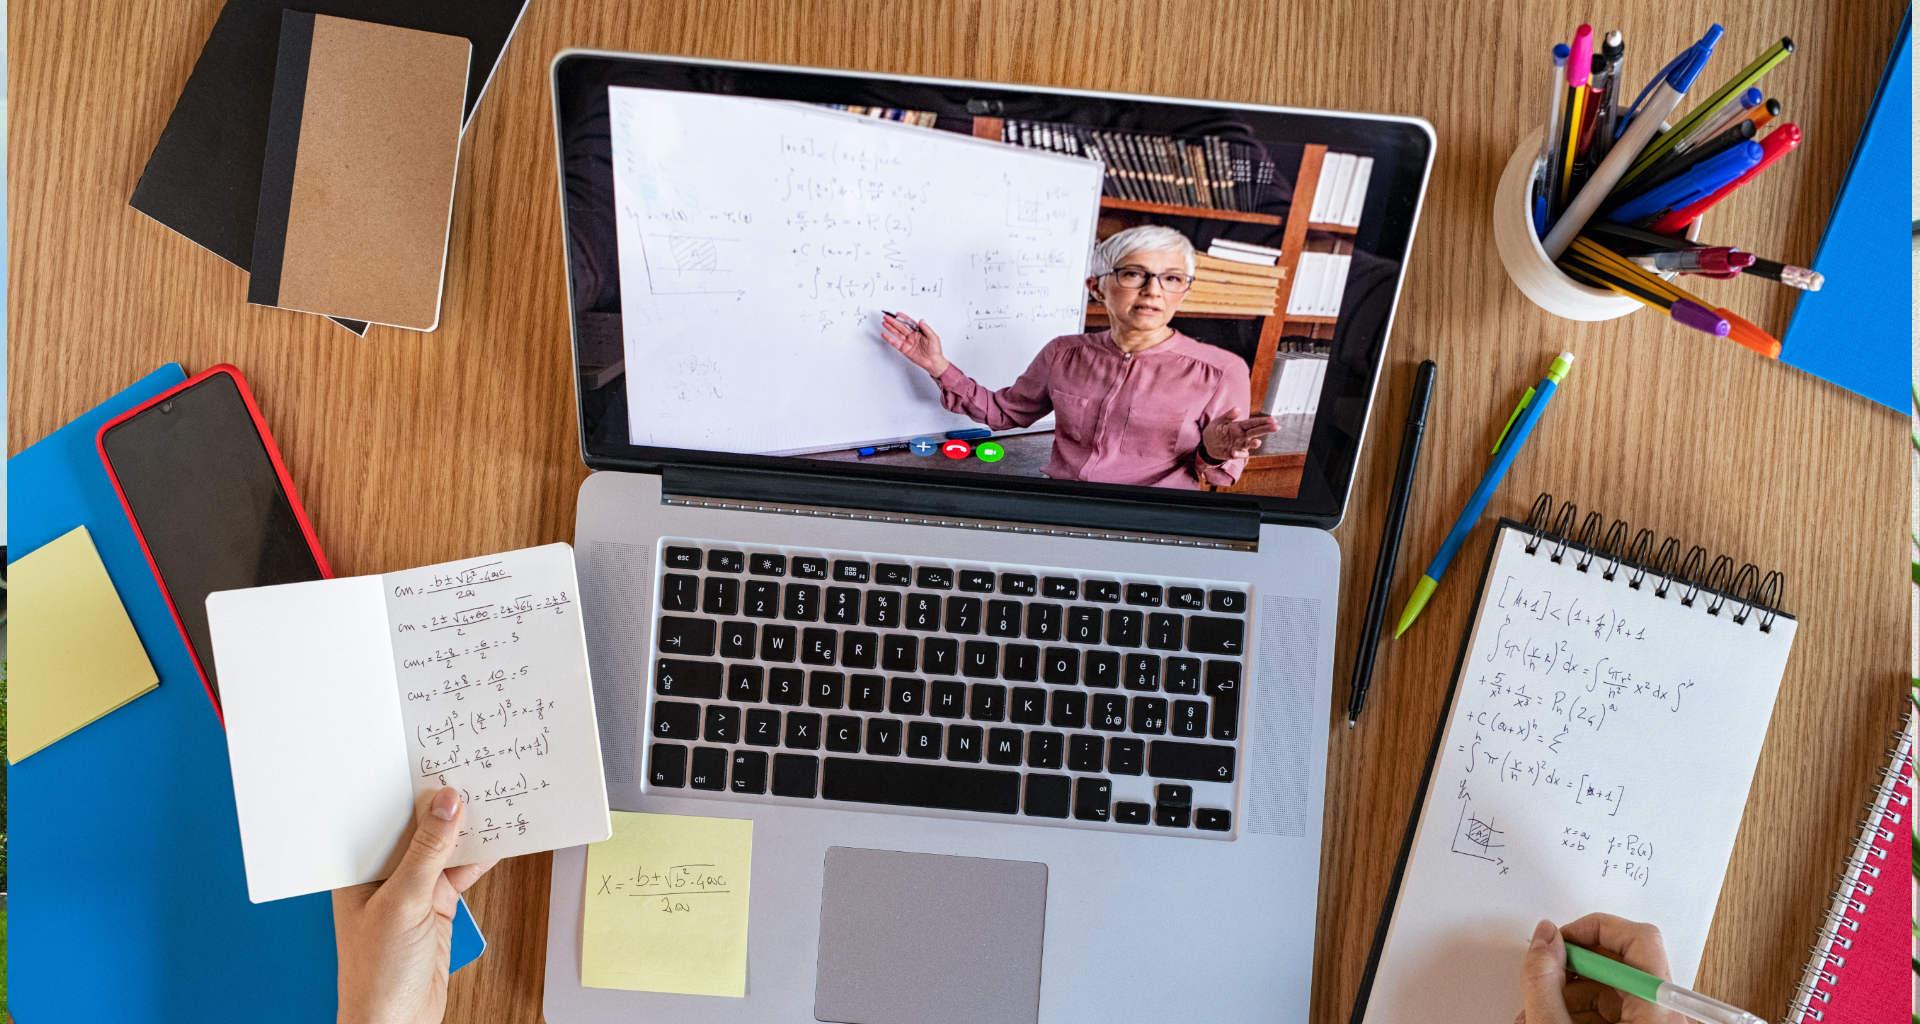 Iščete ponudnika e-učenja na daljavo? Pomagali vam bomo najti pravega ponudnika e-učenja na daljav